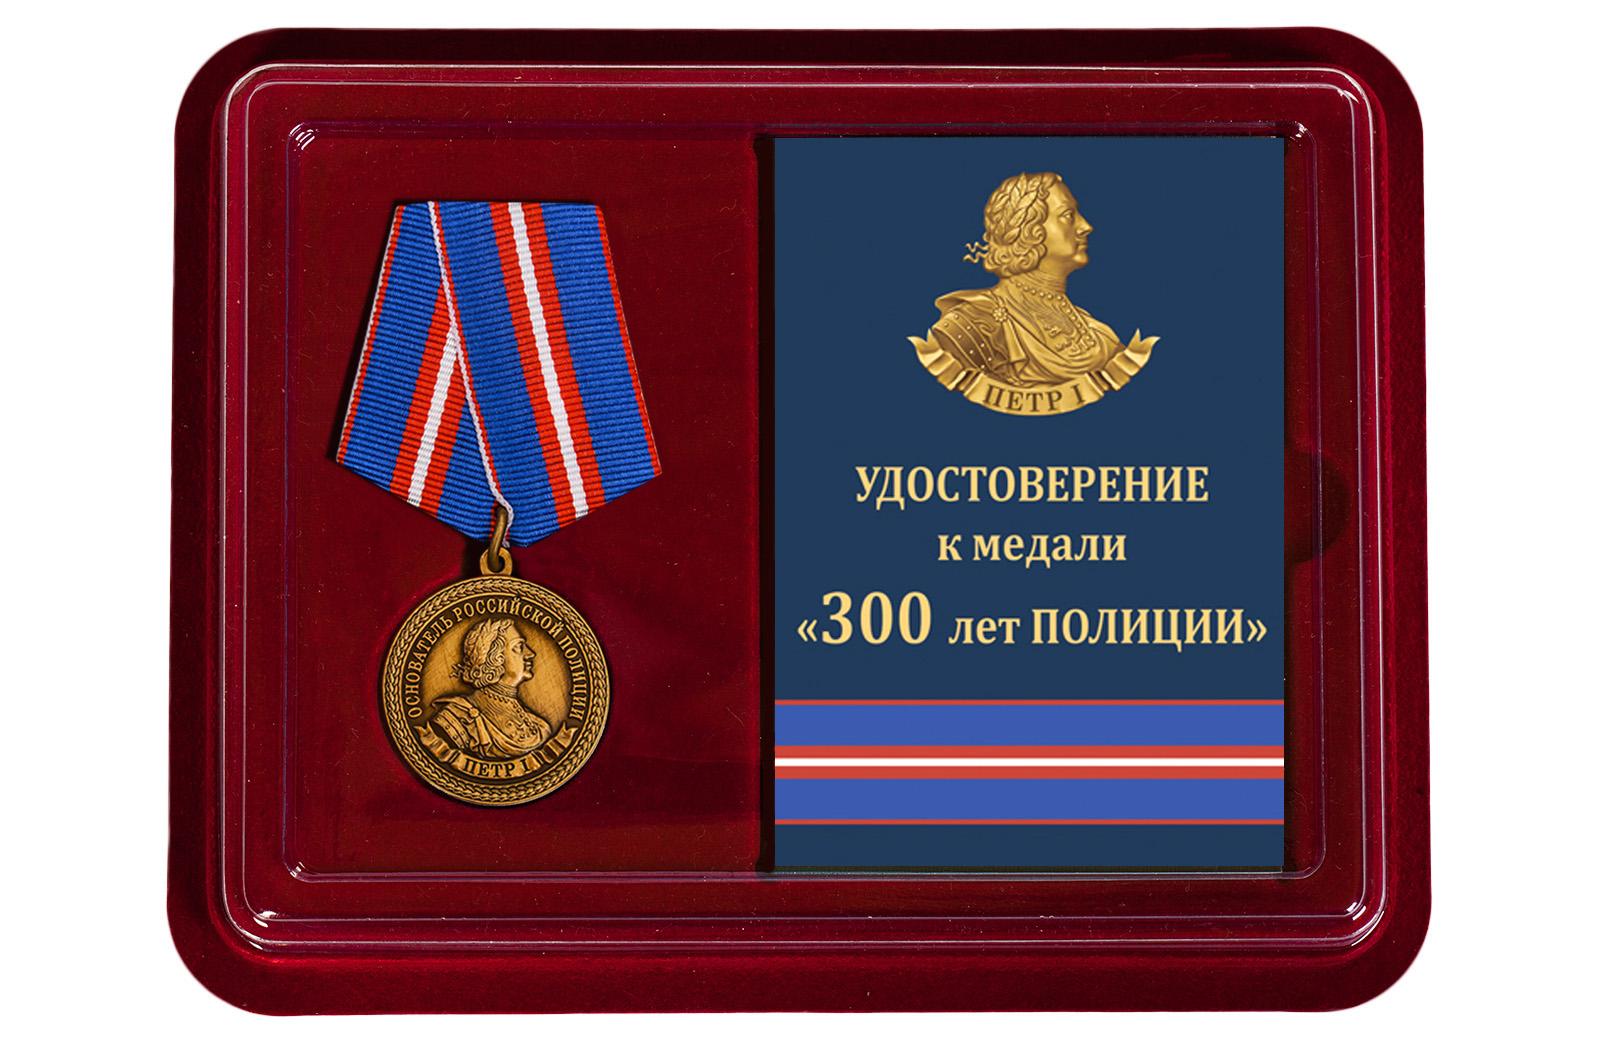 Юбилейная медаль 300 лет полиции России